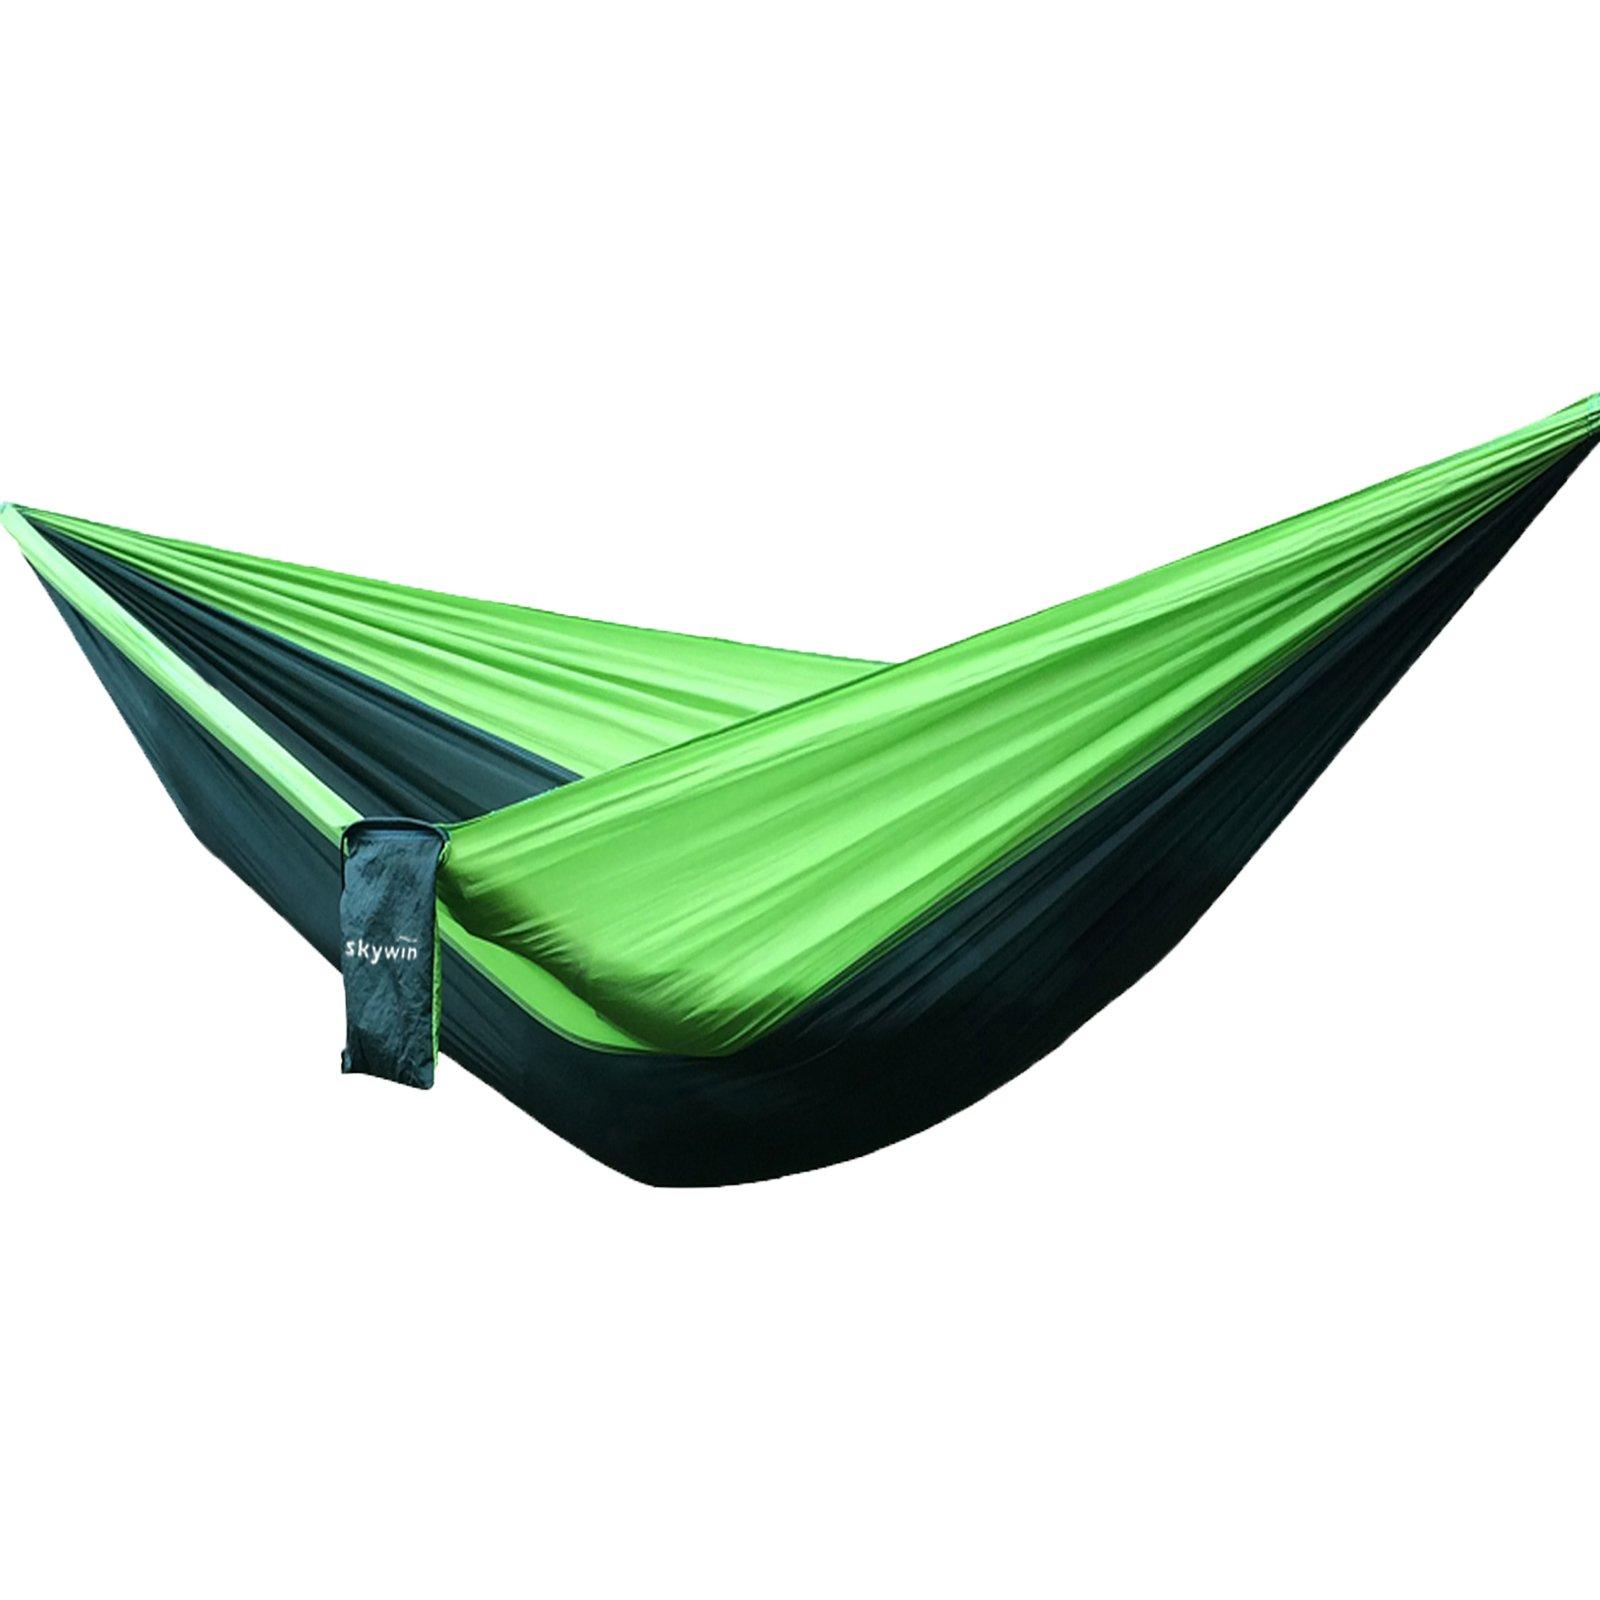 SKYWIN Camping Hängematte Leicht Fallschirm Hängematte Multifunktionell Zum Reisen,Camping,Wandern,Strand,Garten,Tragbar mit 2 Karabiner und 2 Hängende Seile 3 Meter von jedem (Grün Stitching)